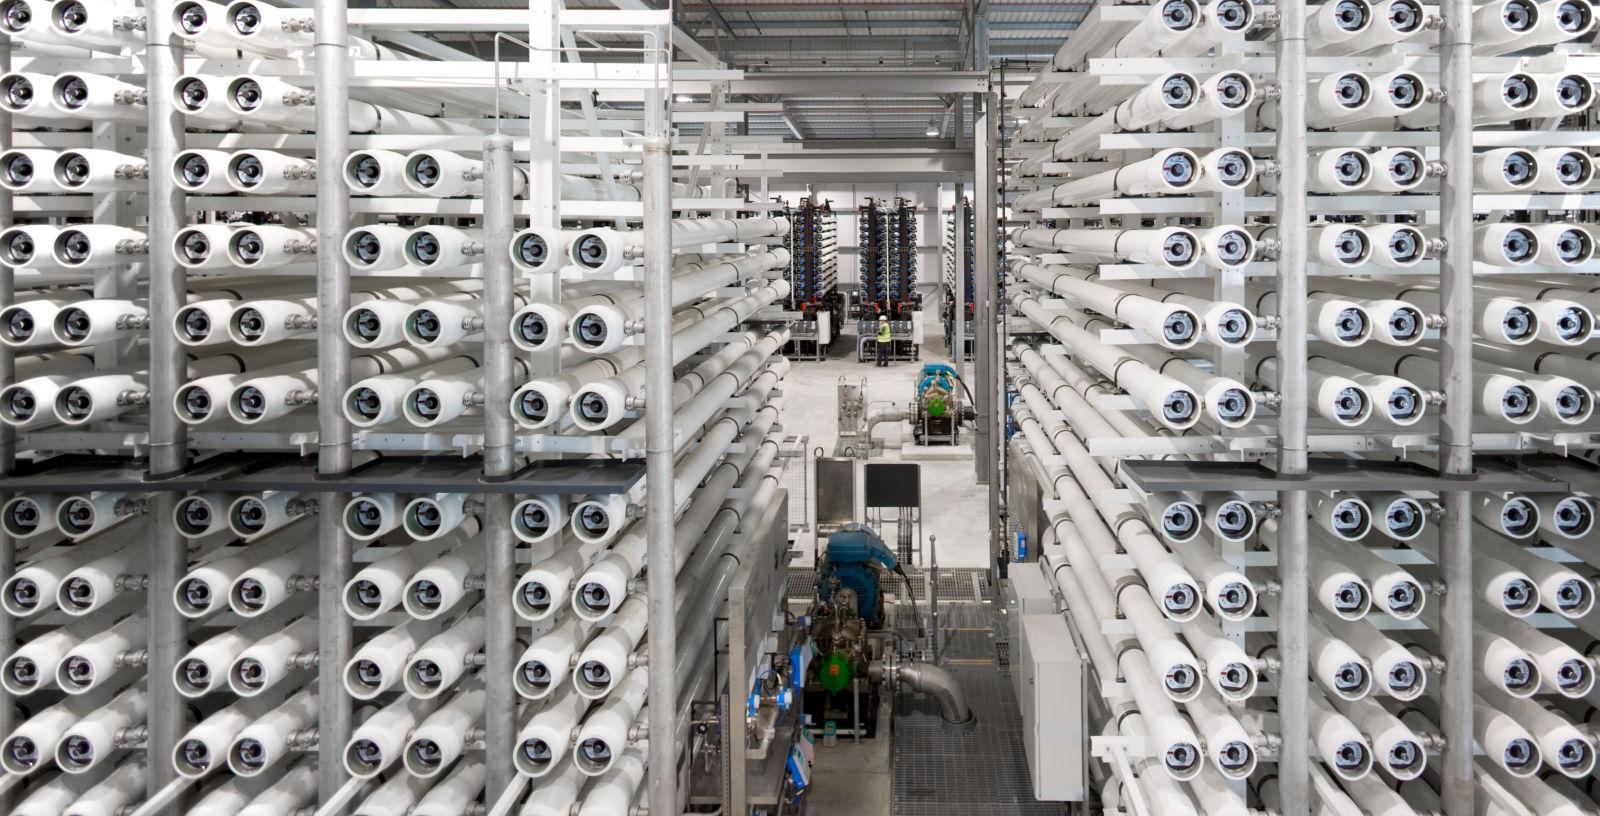 Shuqaiq_Desalination_Plant_Saudi-Arabia_Acciona_Agua_IDOM_001